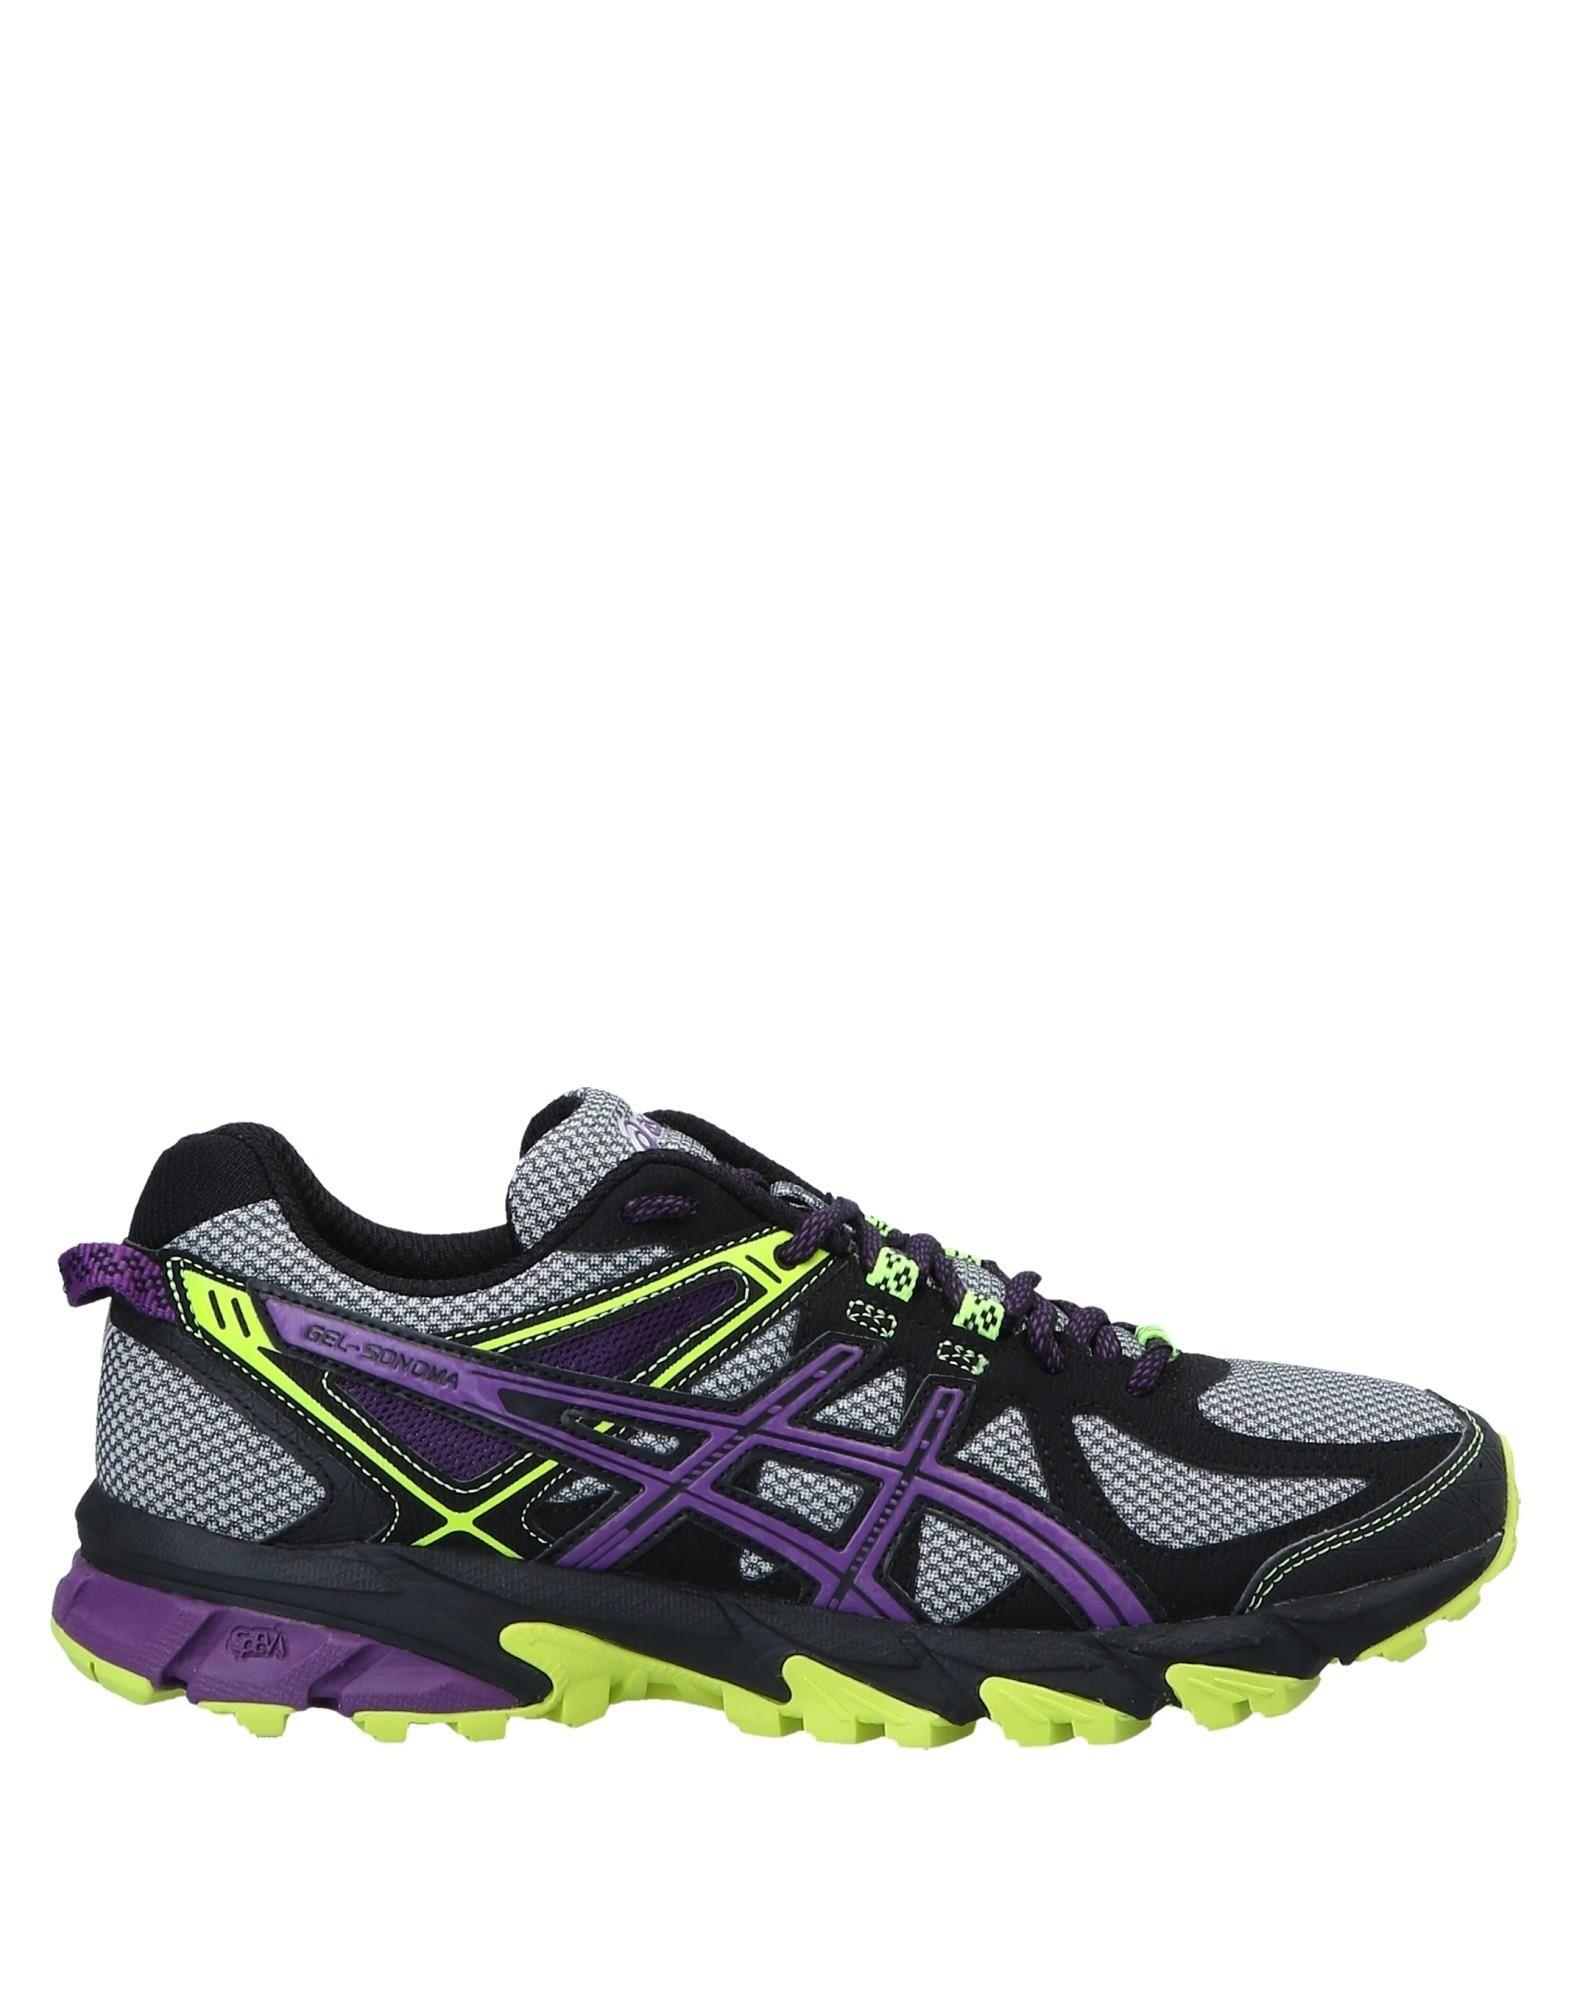 Asics Sneakers Damen  11546250UJ Gute Qualität beliebte Schuhe